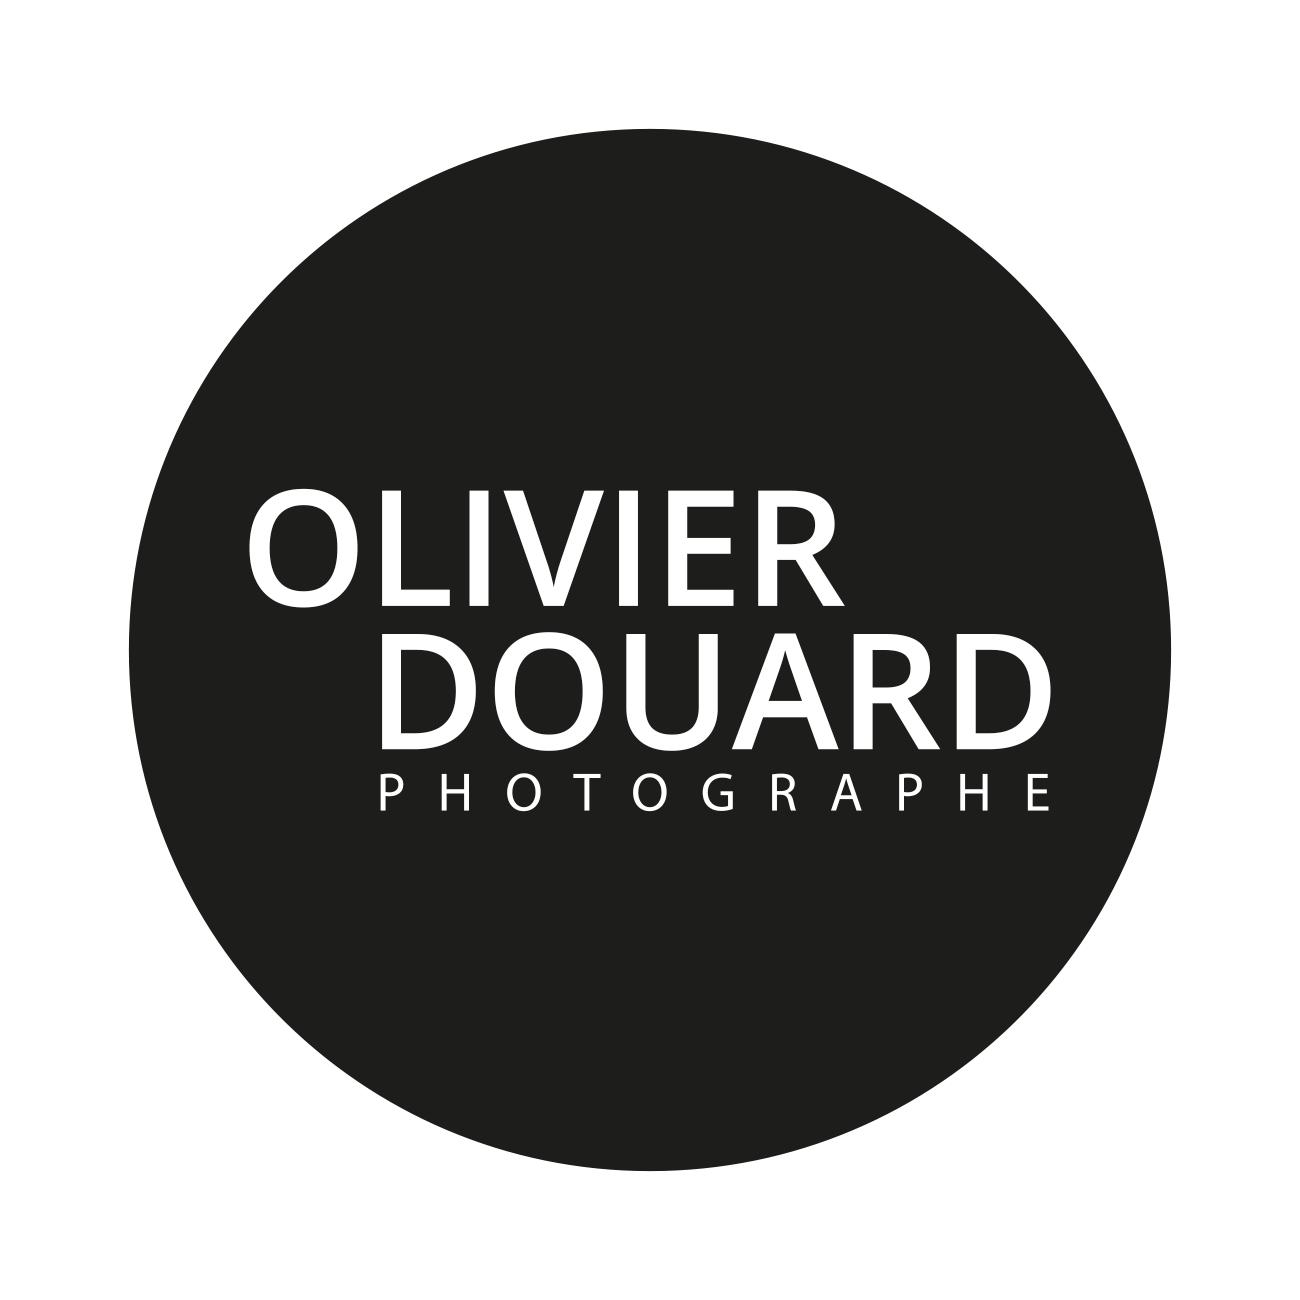 Studio photos